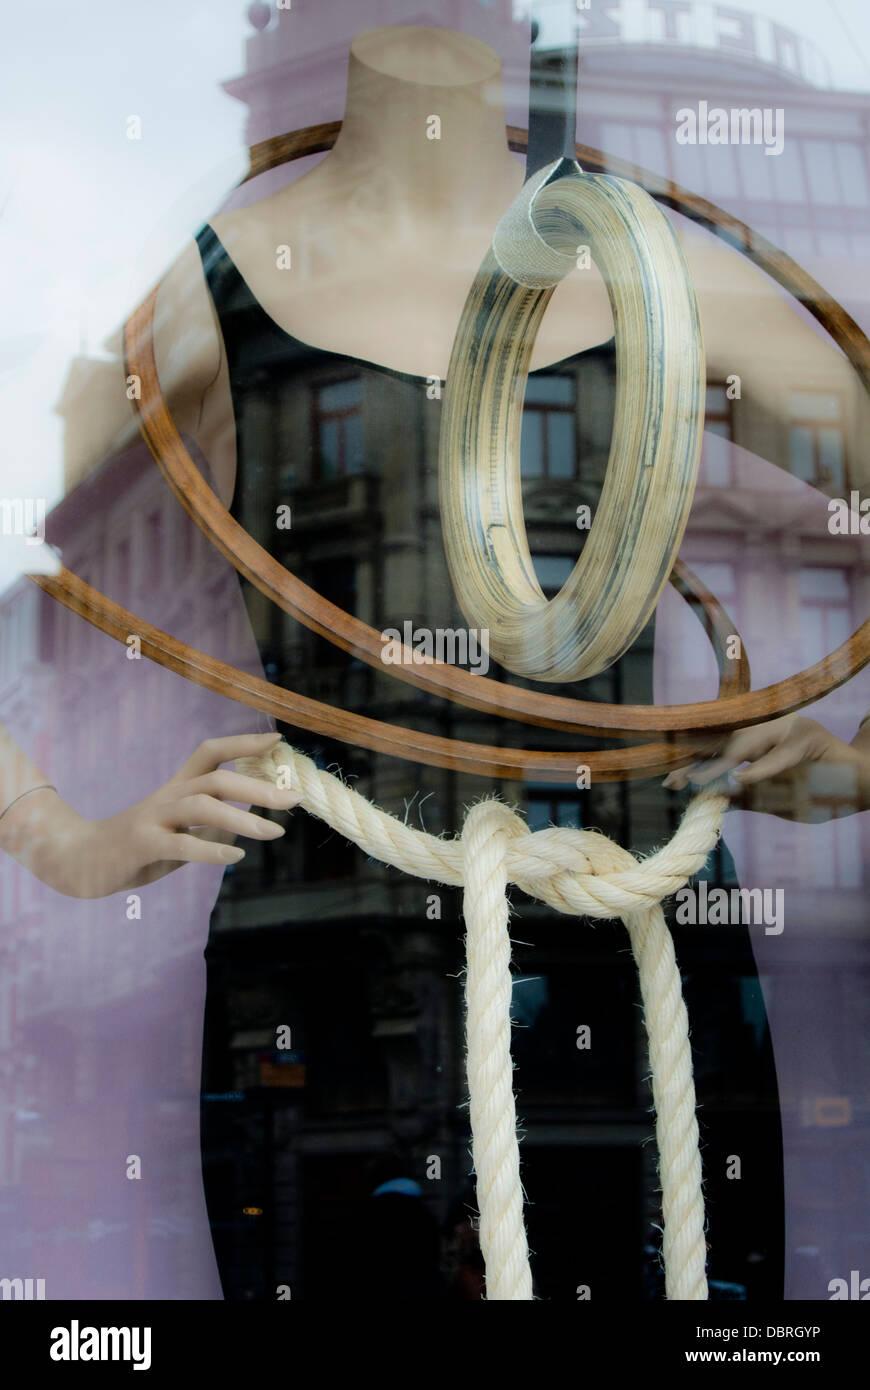 La finestra di visualizzazione manichino negozio di sport Immagini Stock